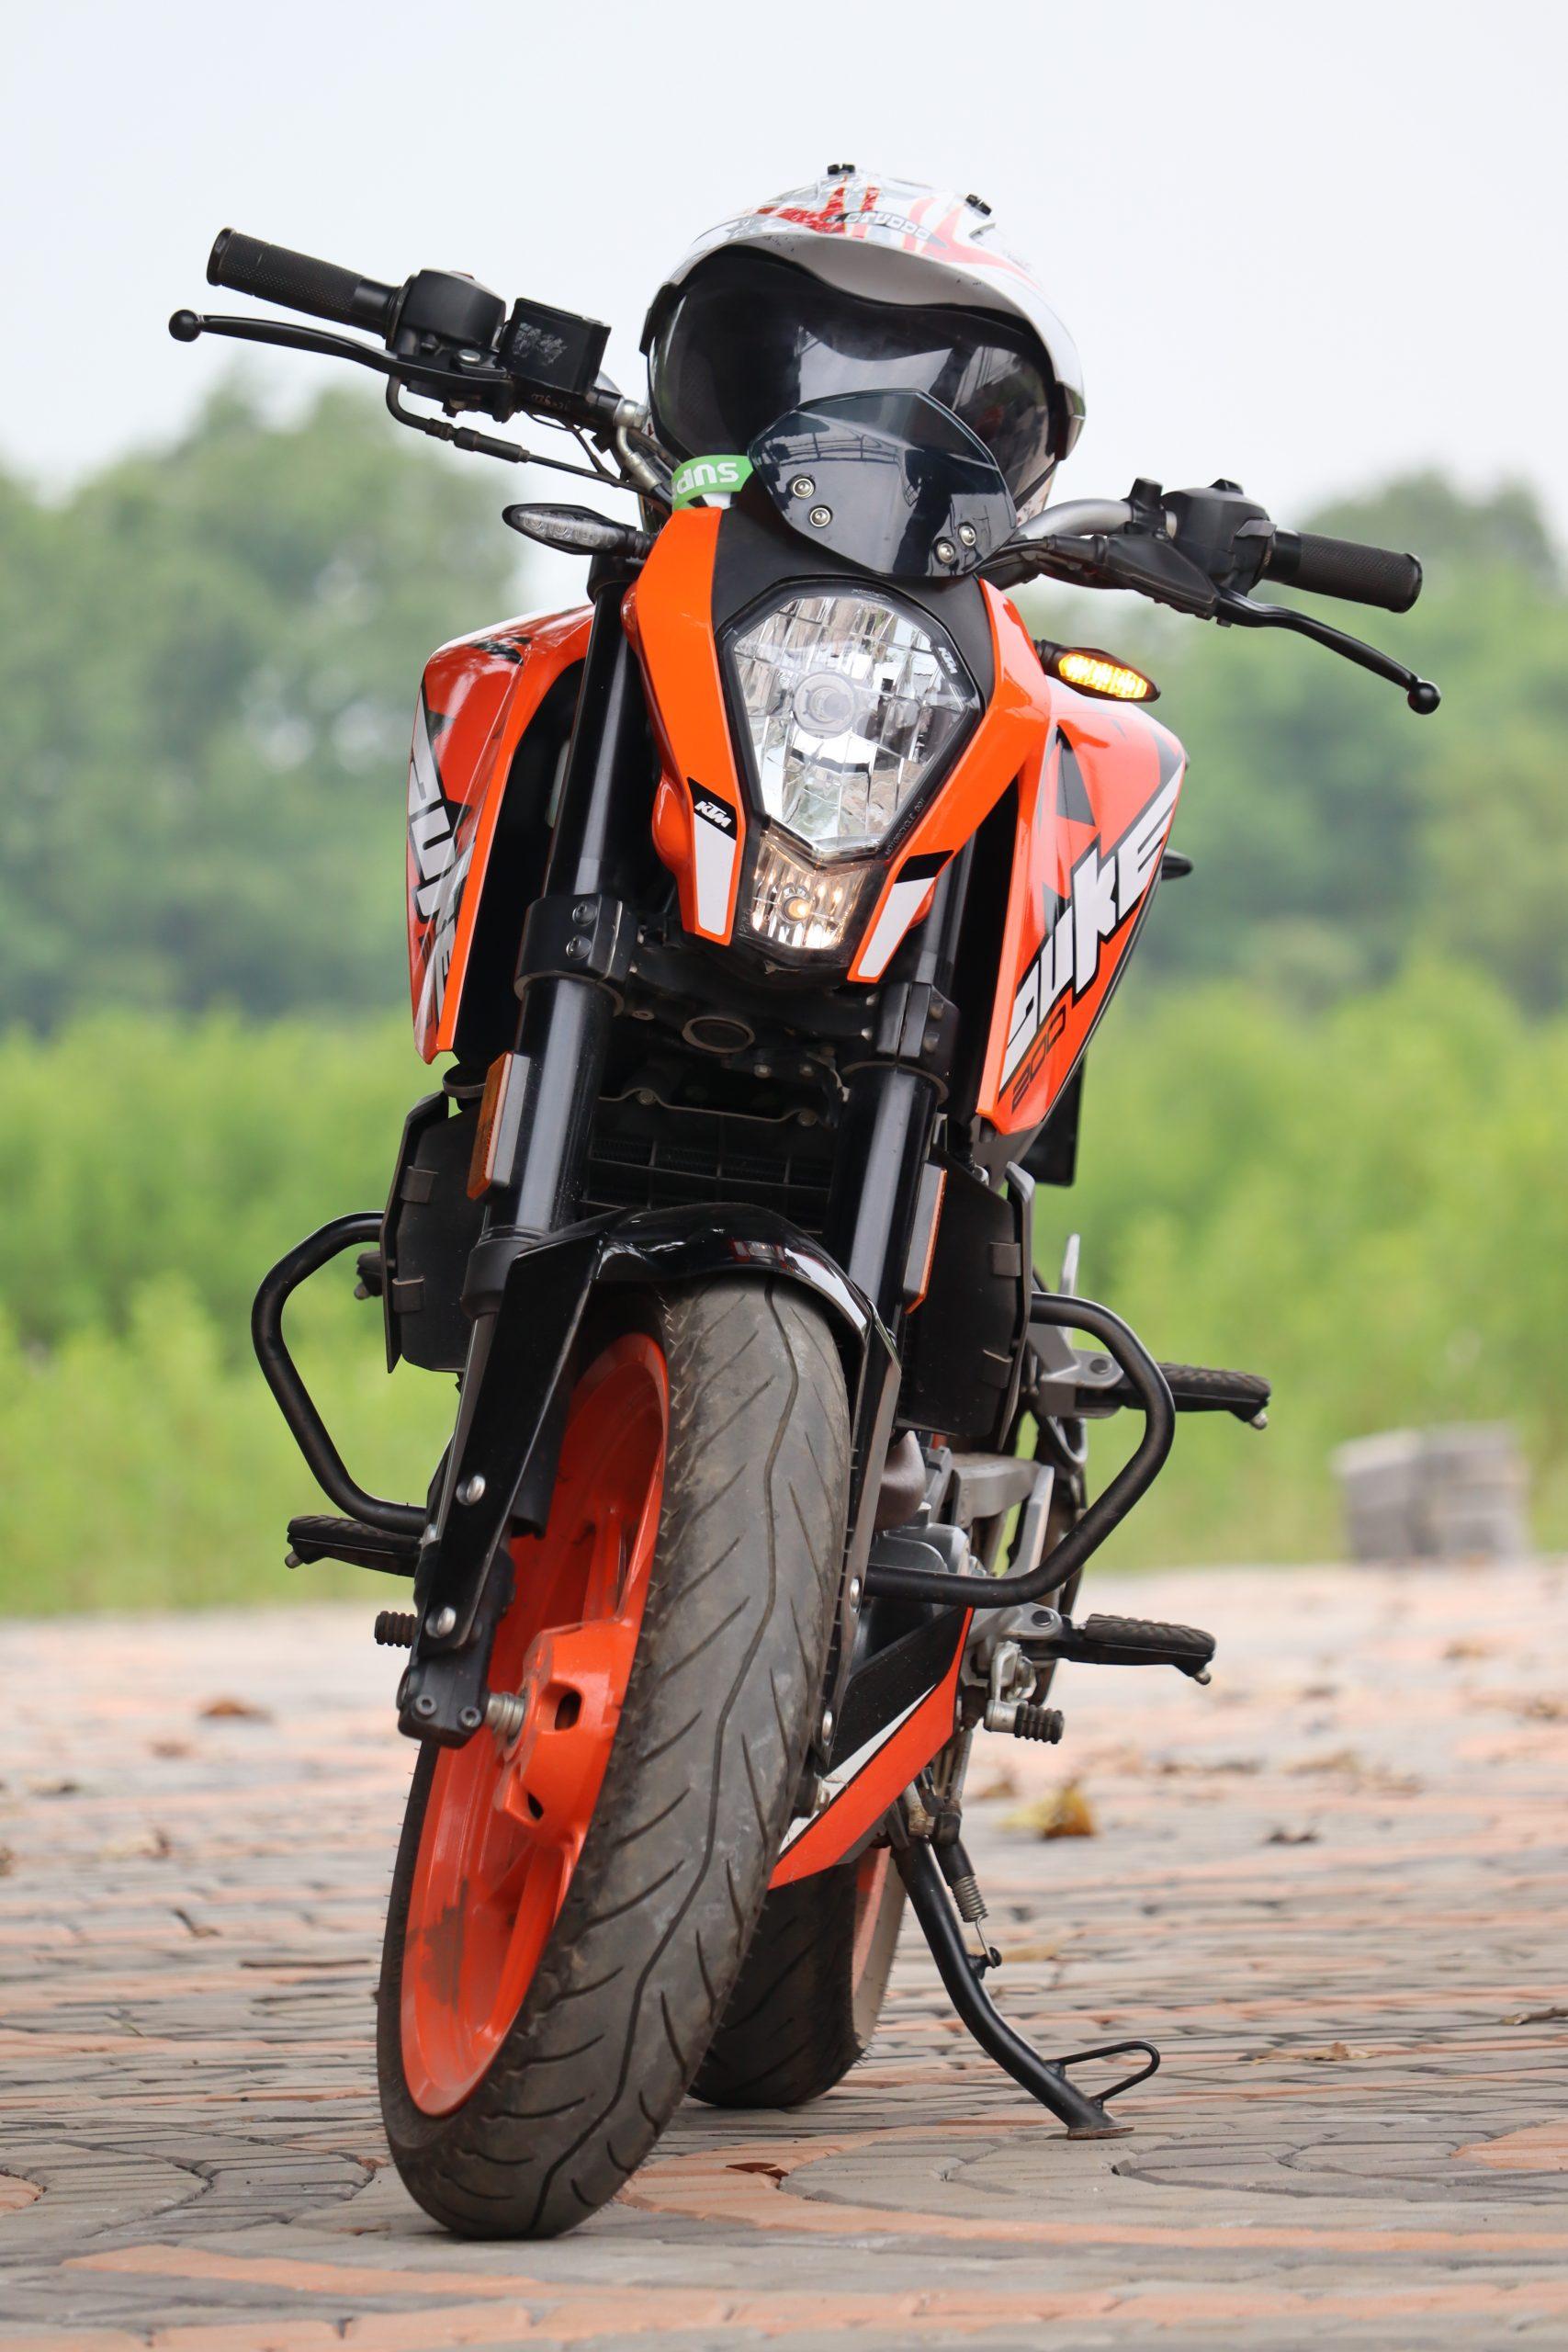 Duke KTM 200 bike